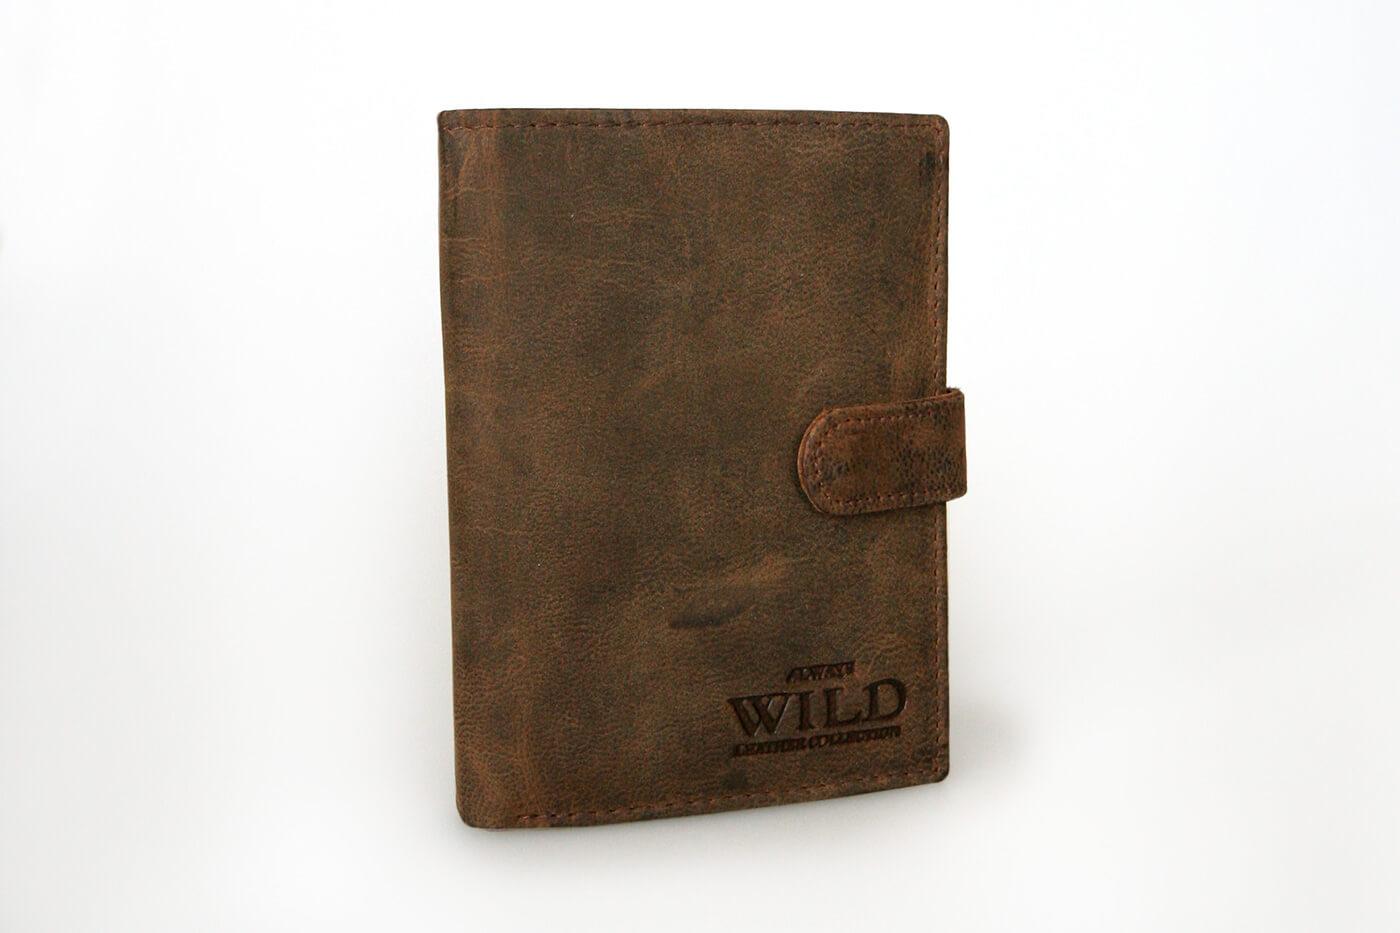 WILD Pánska kožená peňaženka na výšku - hnedá so zapínaním (šírka 9,5 cm x výška 13 cm)